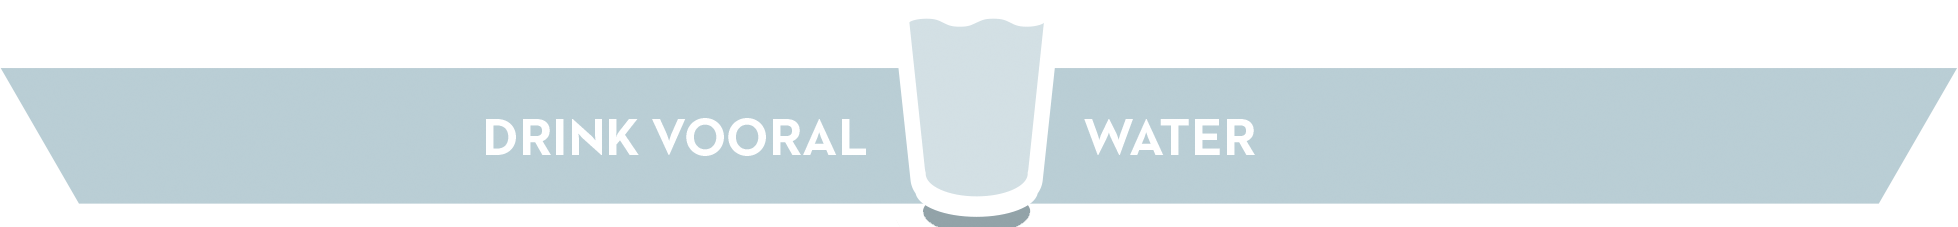 Blauwe Zone Voedingsdriehoek